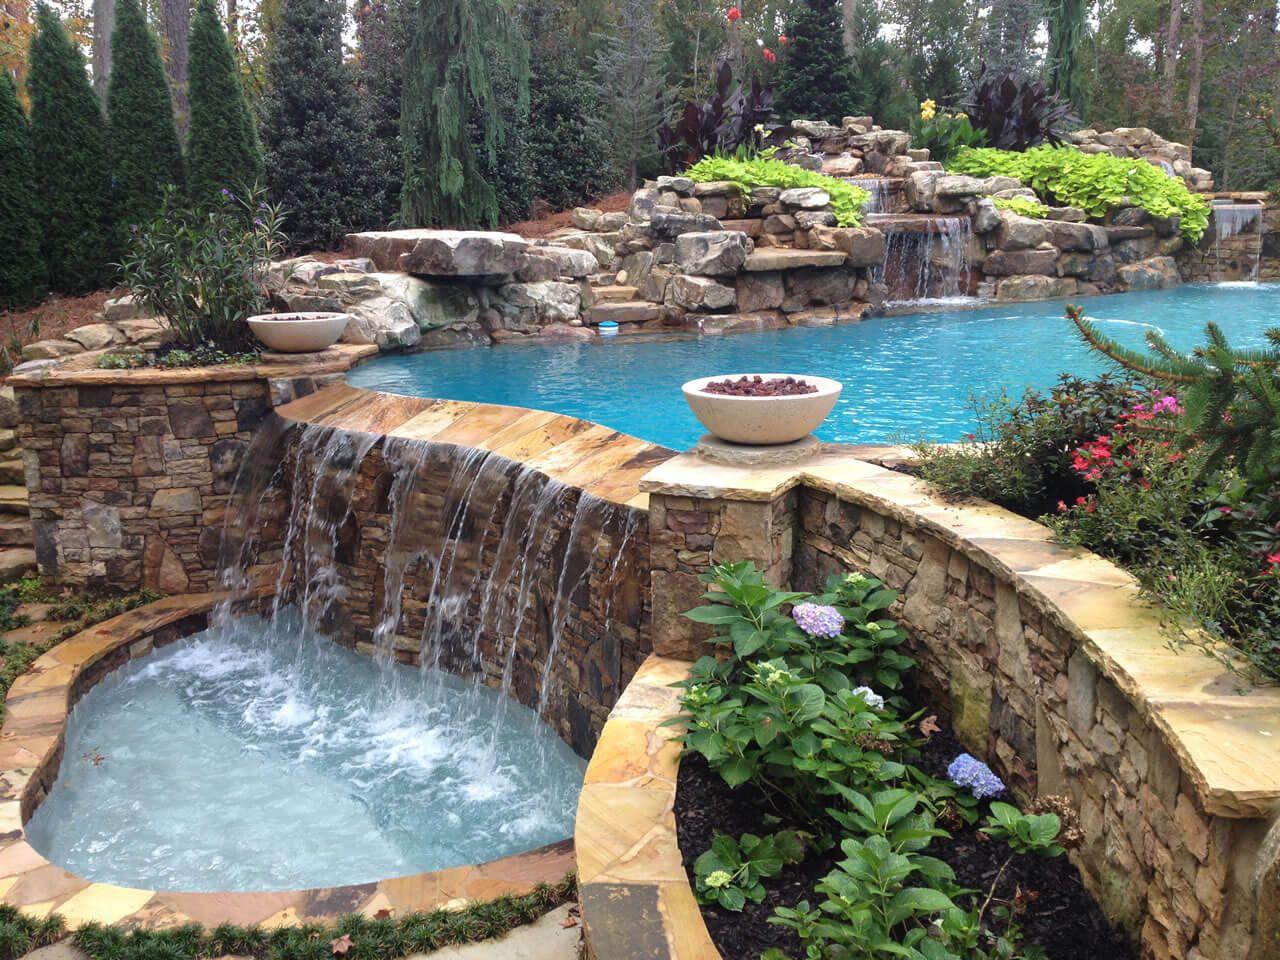 Pool Designers Near Me Garden Pool Design Luxury Garden 400 x 300